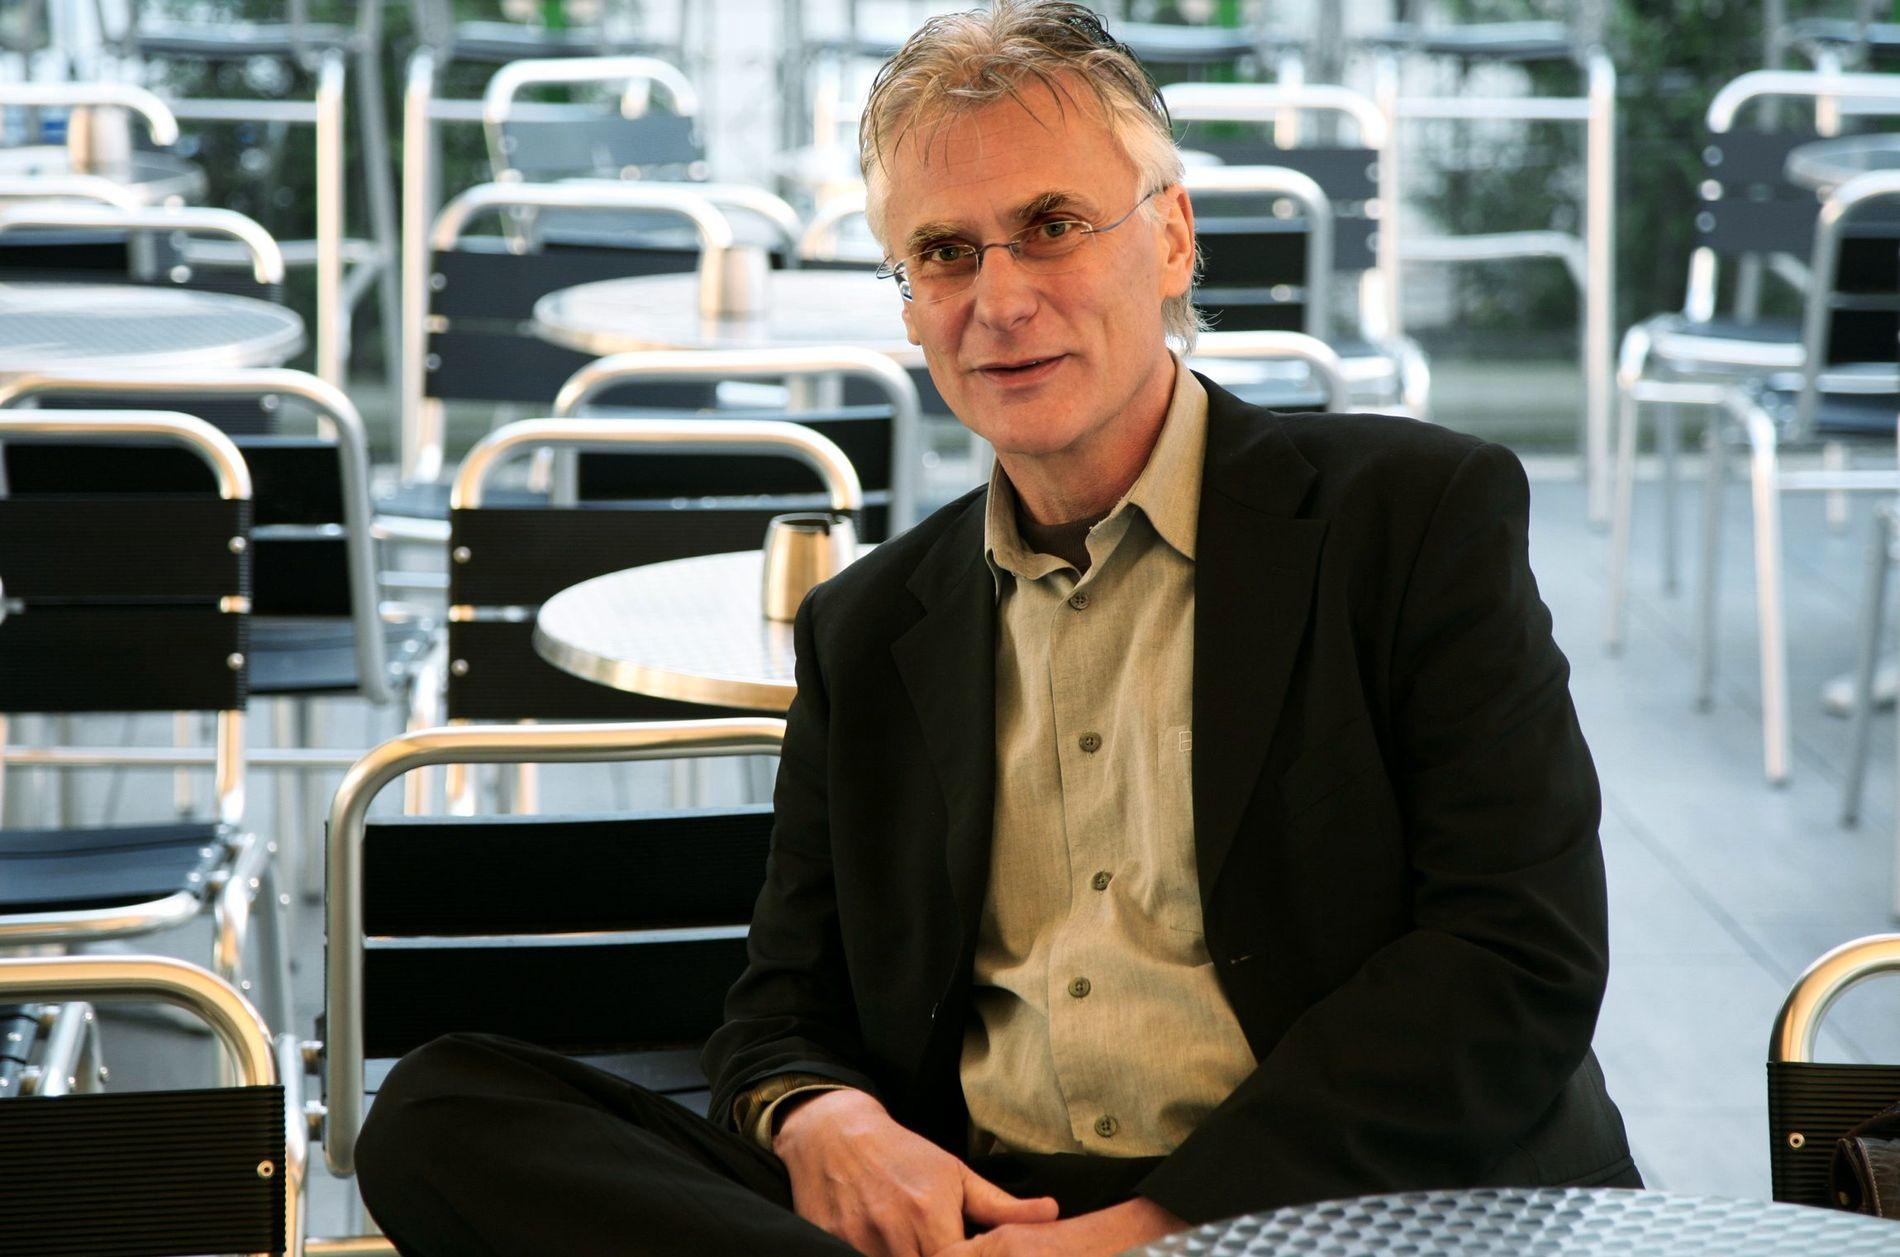 GJENSYN: - Jeg har ikke sett filmene våre på lang tid, men etter 20-30 år husker jeg fremdeles alle replikkene, forteller Petter Vennerød, som har hatt oppsyn med de nye DVD-versjonene.